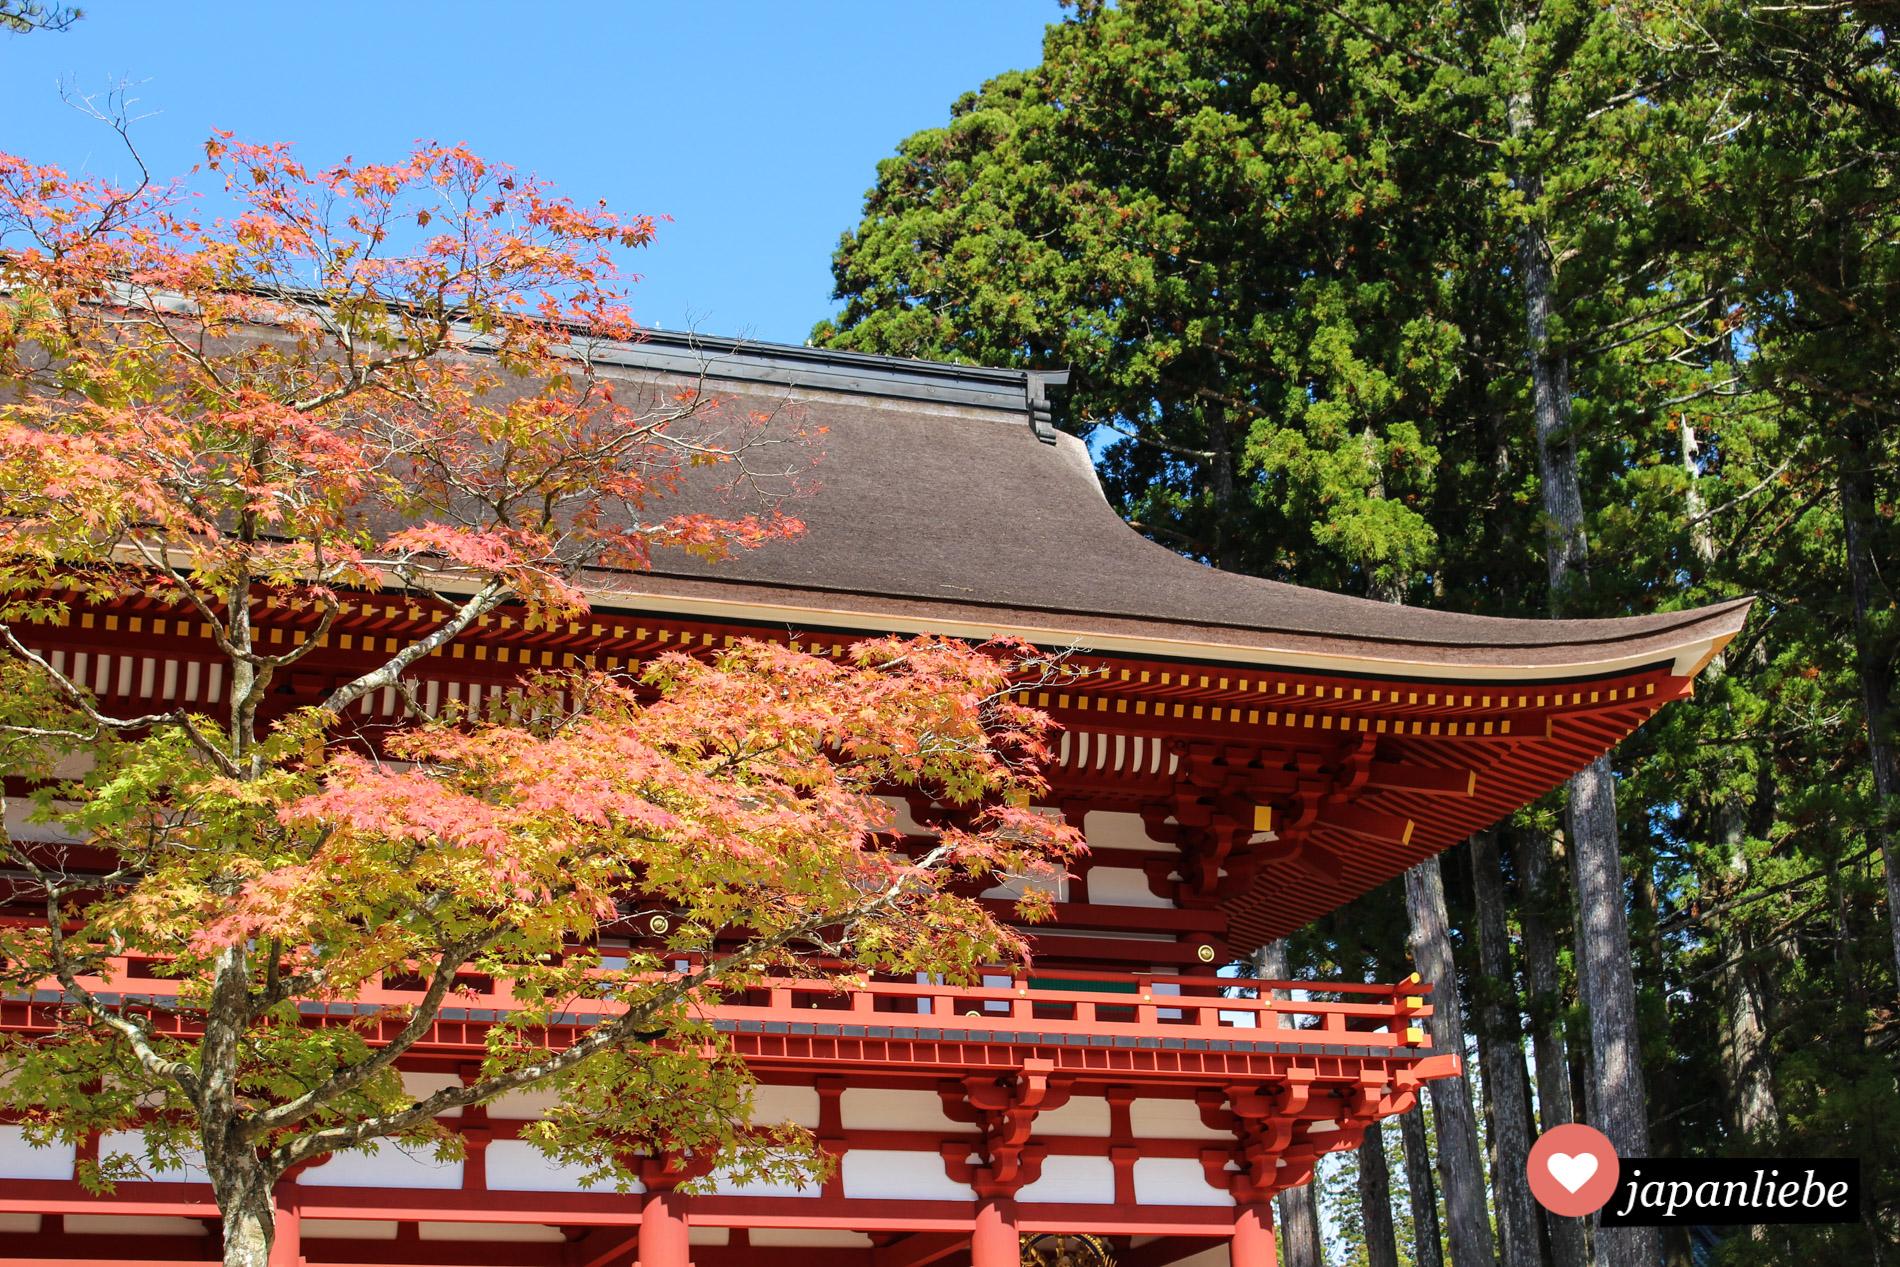 Das Daimon-Tor auf dem Kōya-san mit Herbstlaub